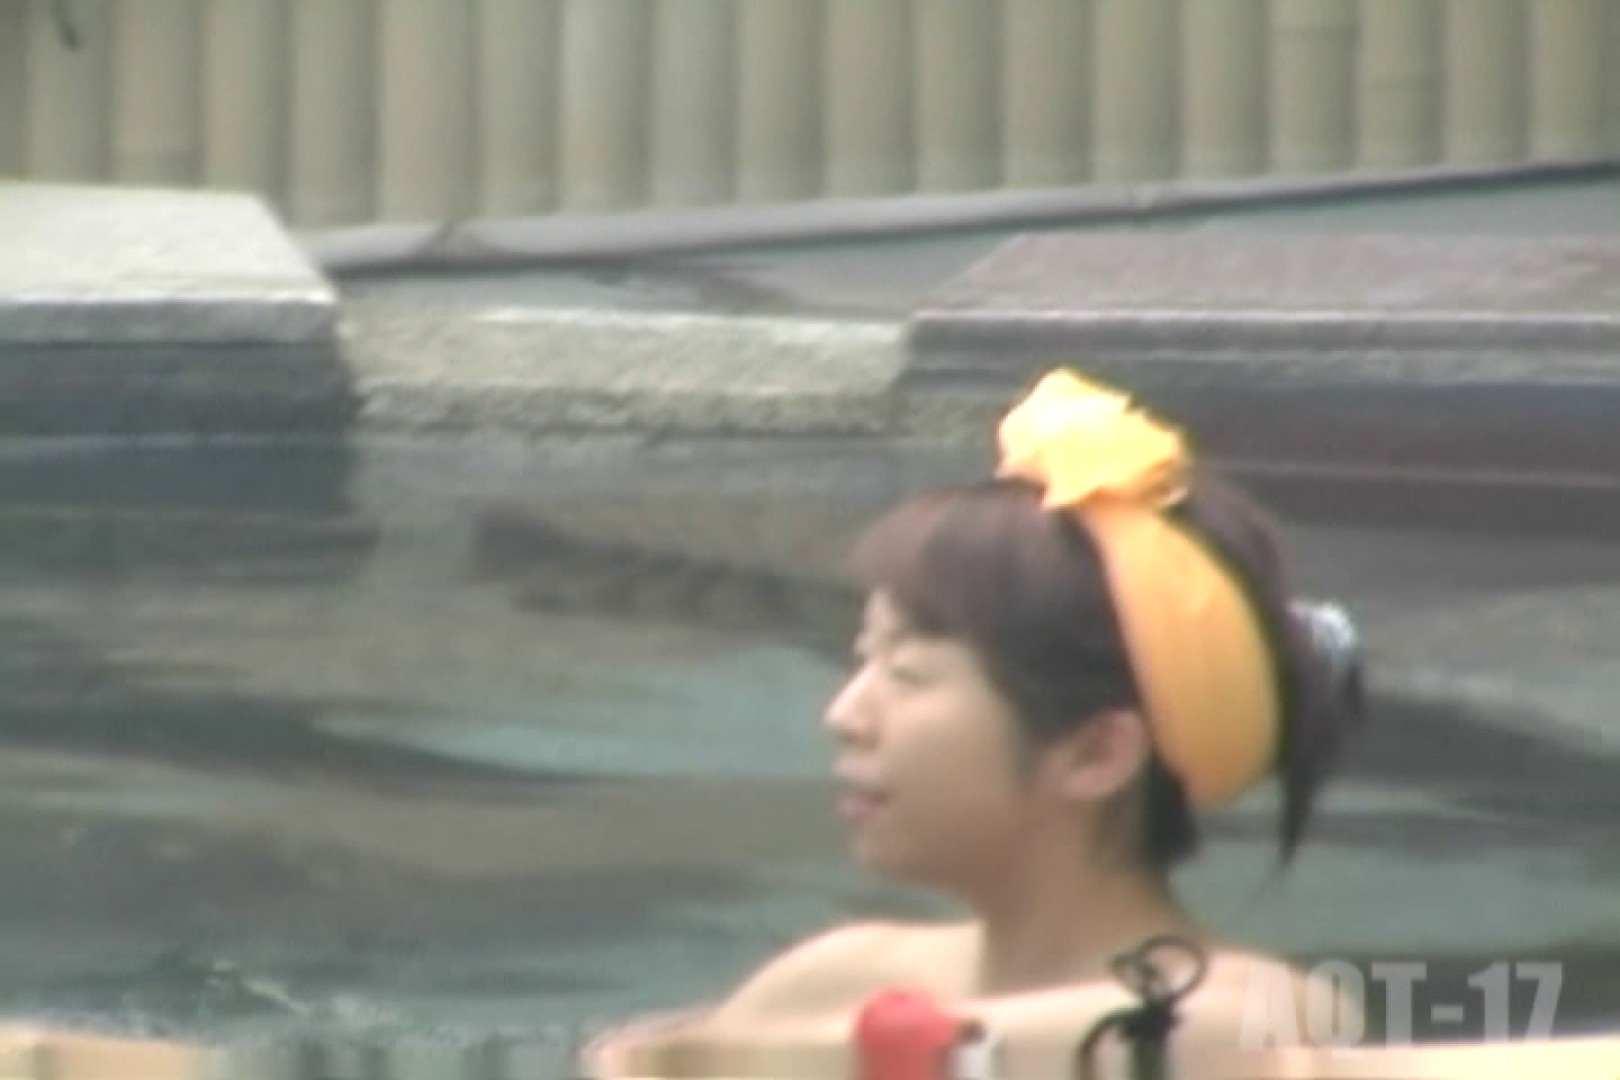 Aquaな露天風呂Vol.851 盗撮シリーズ  105PIX 20